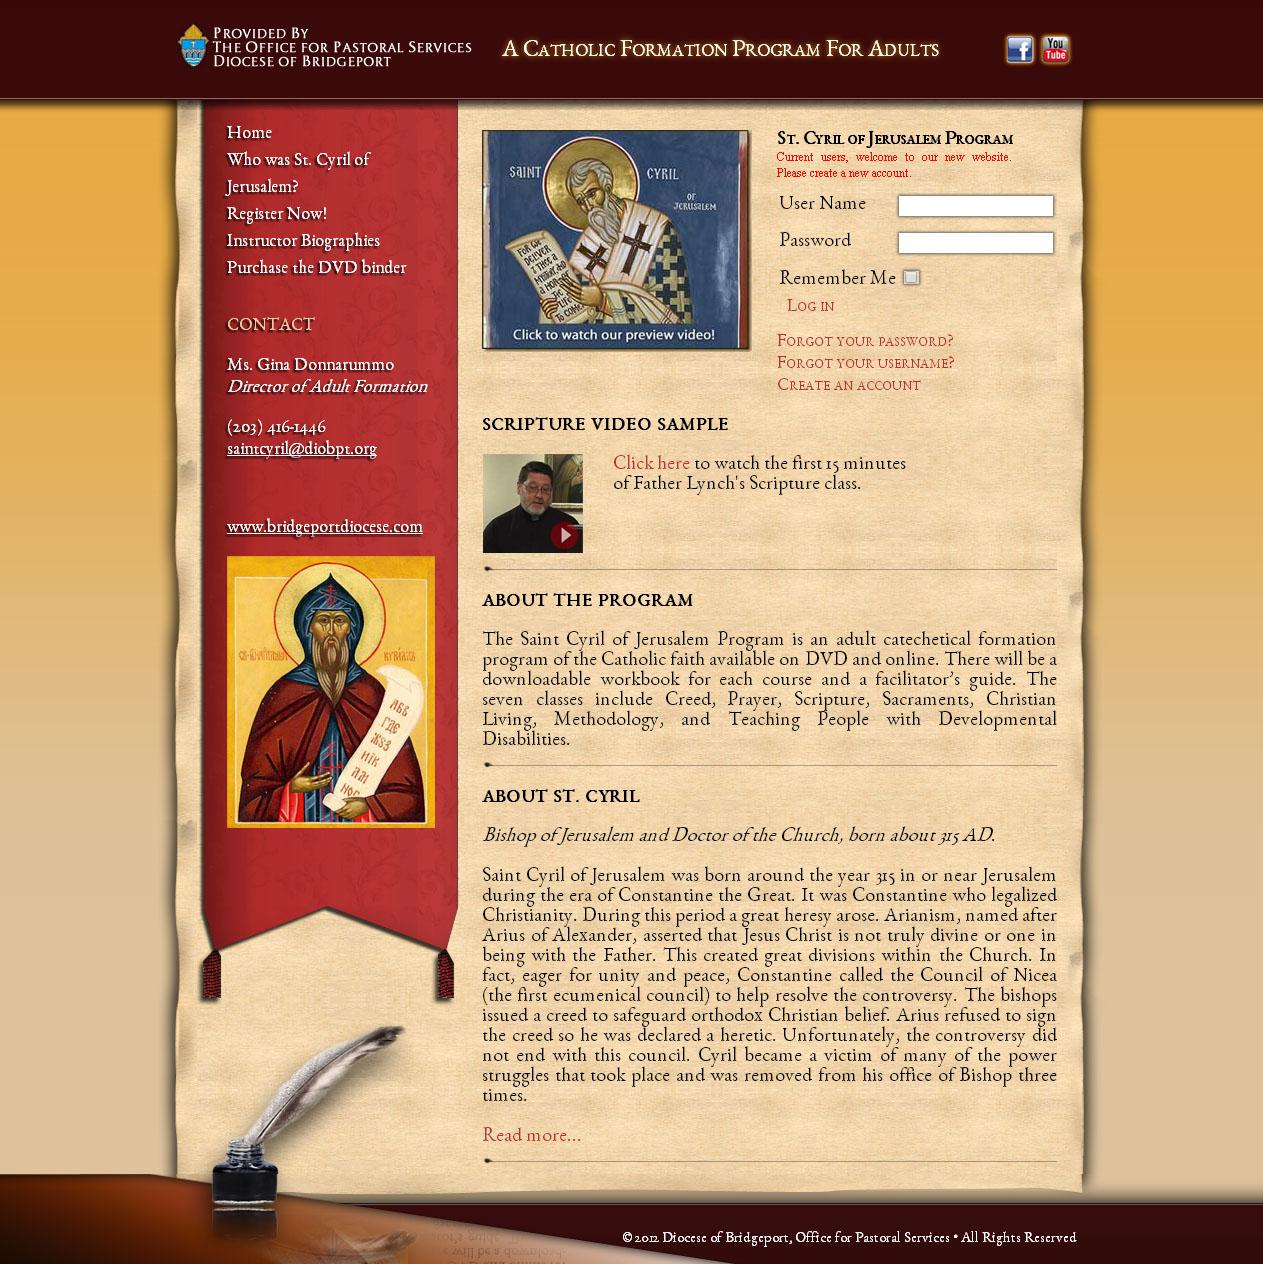 Saint Cyril of Jerusalem Program